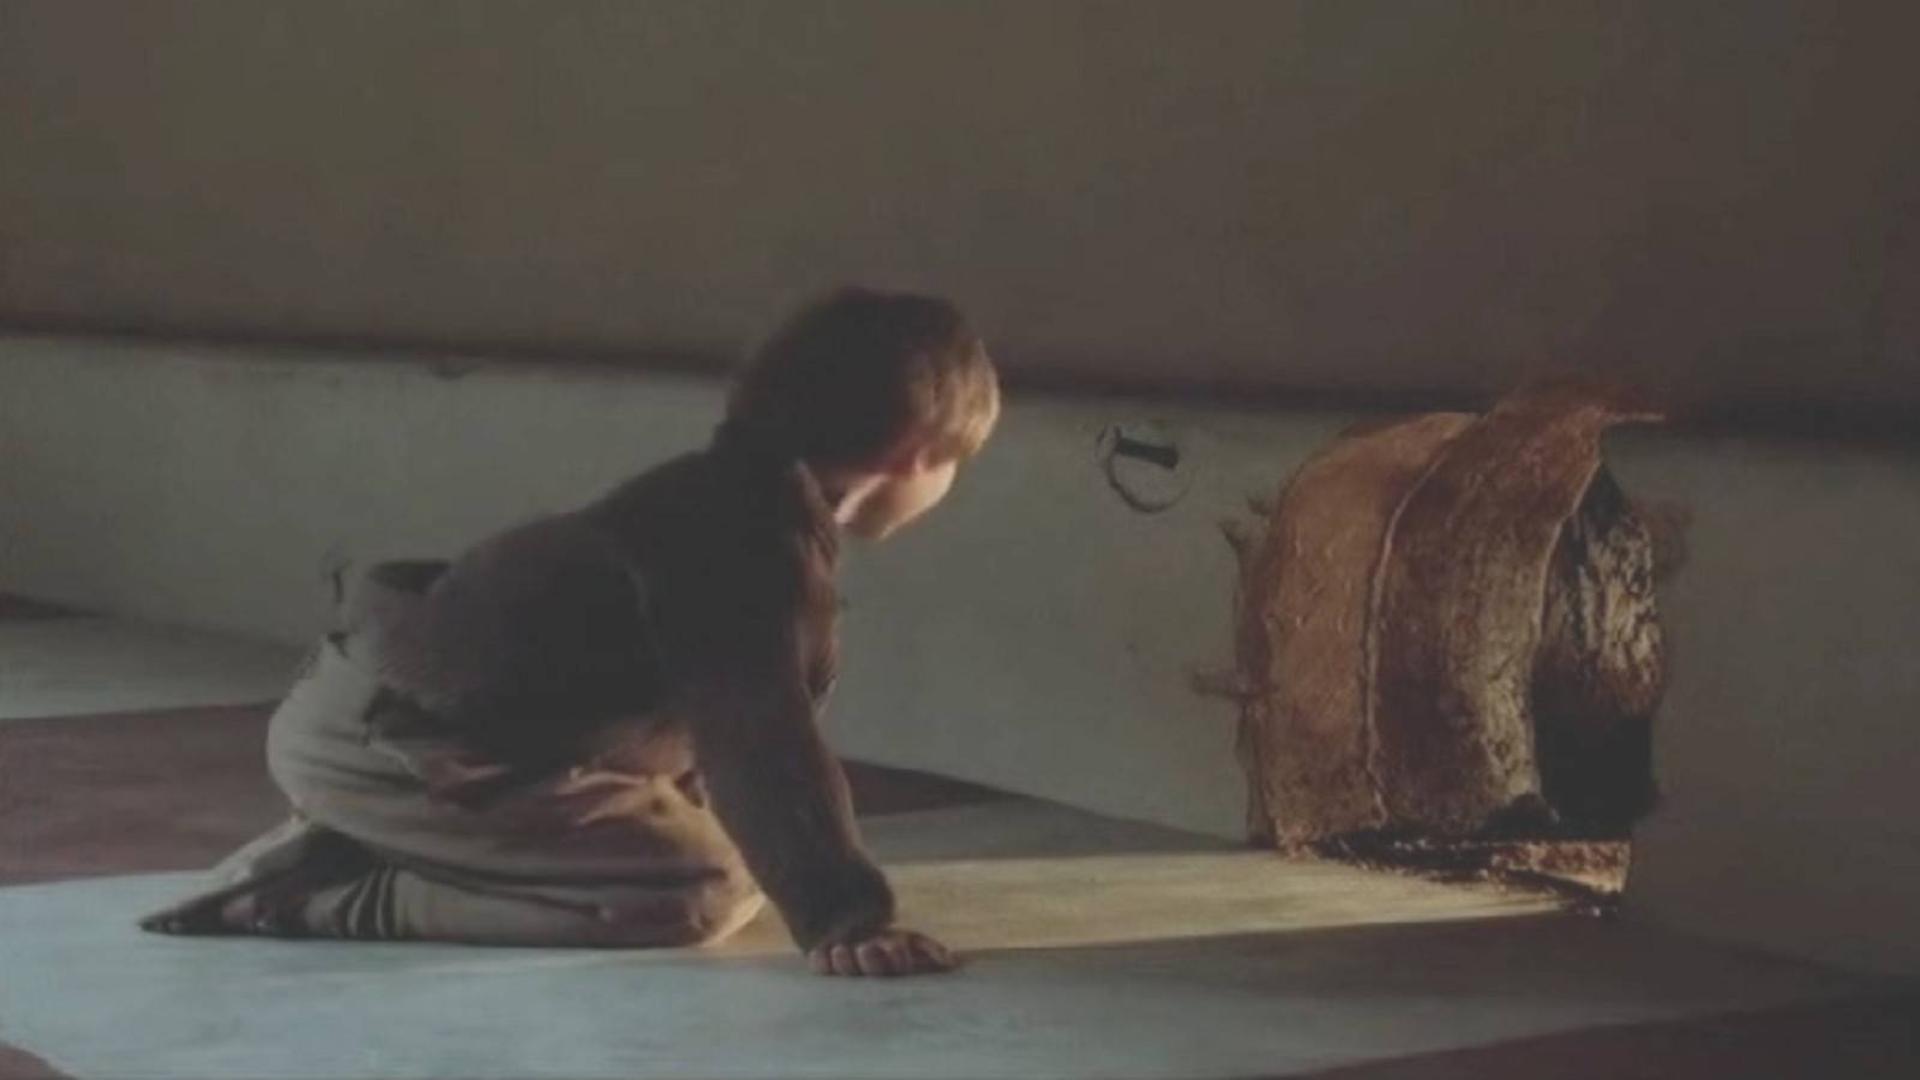 穷小伙为了省钱不交房租,把自己变成小人,每天住在老鼠洞里